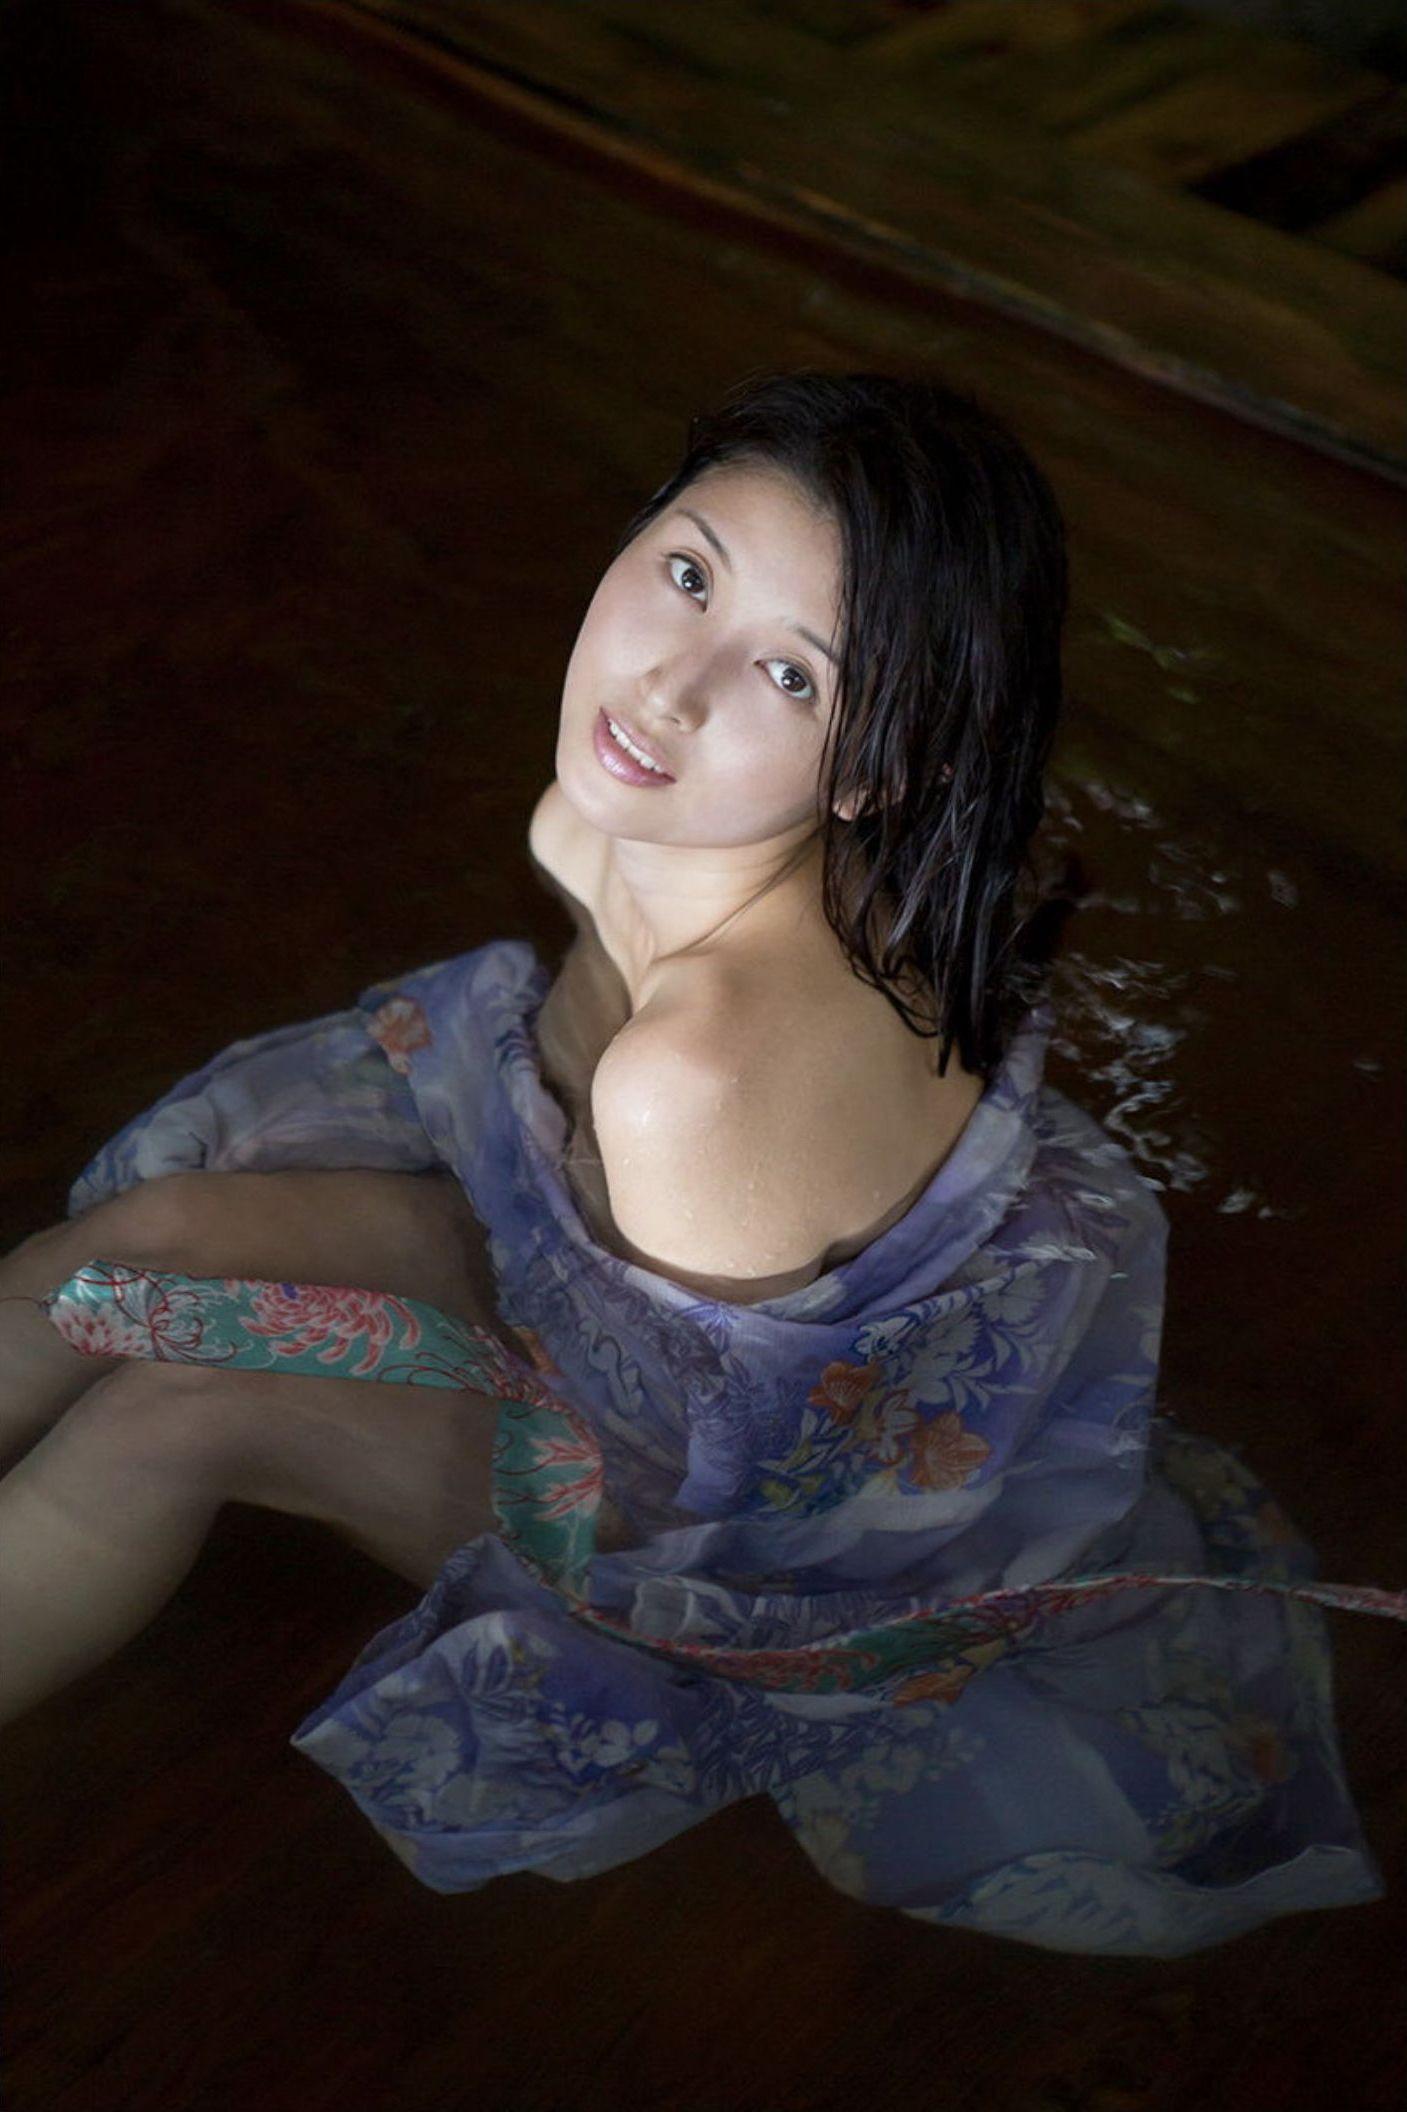 『愛の記憶』橋本マナミ デジタル写真集 041